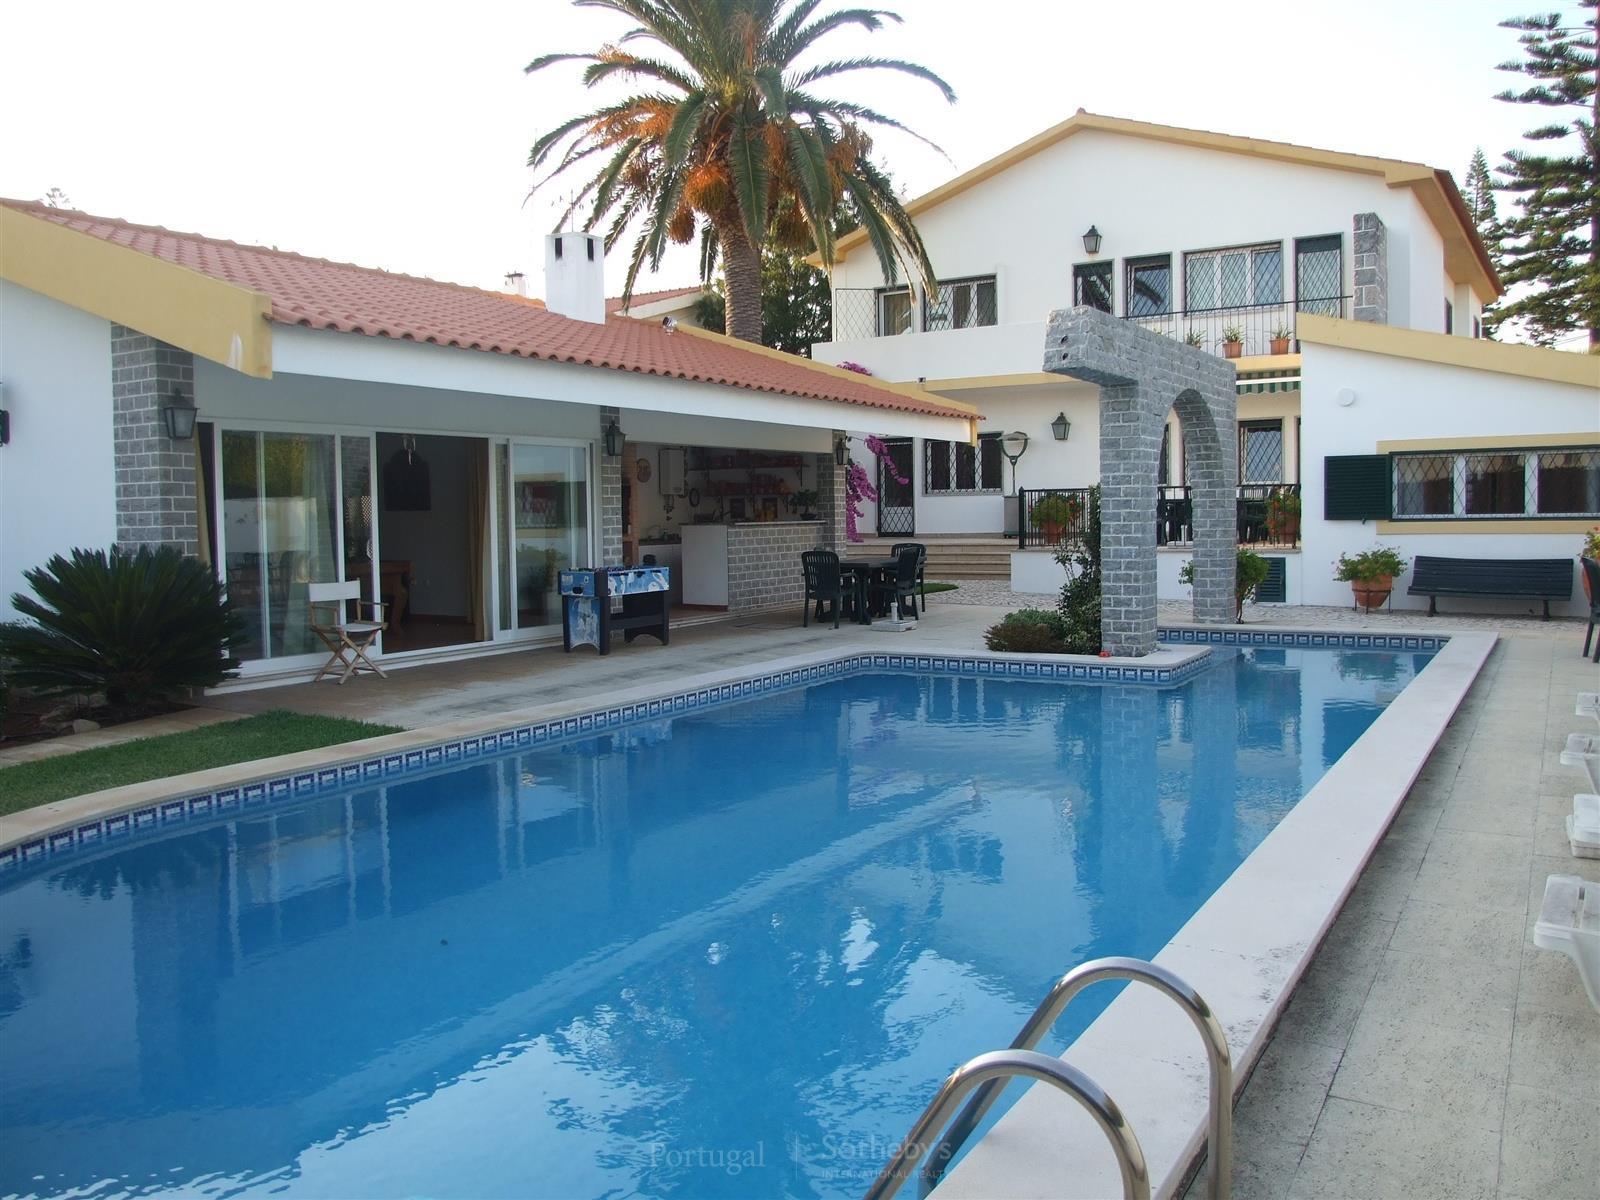 단독 가정 주택 용 매매 에 House, 9 bedrooms, for Sale Cascais, 리스보아 포르투갈